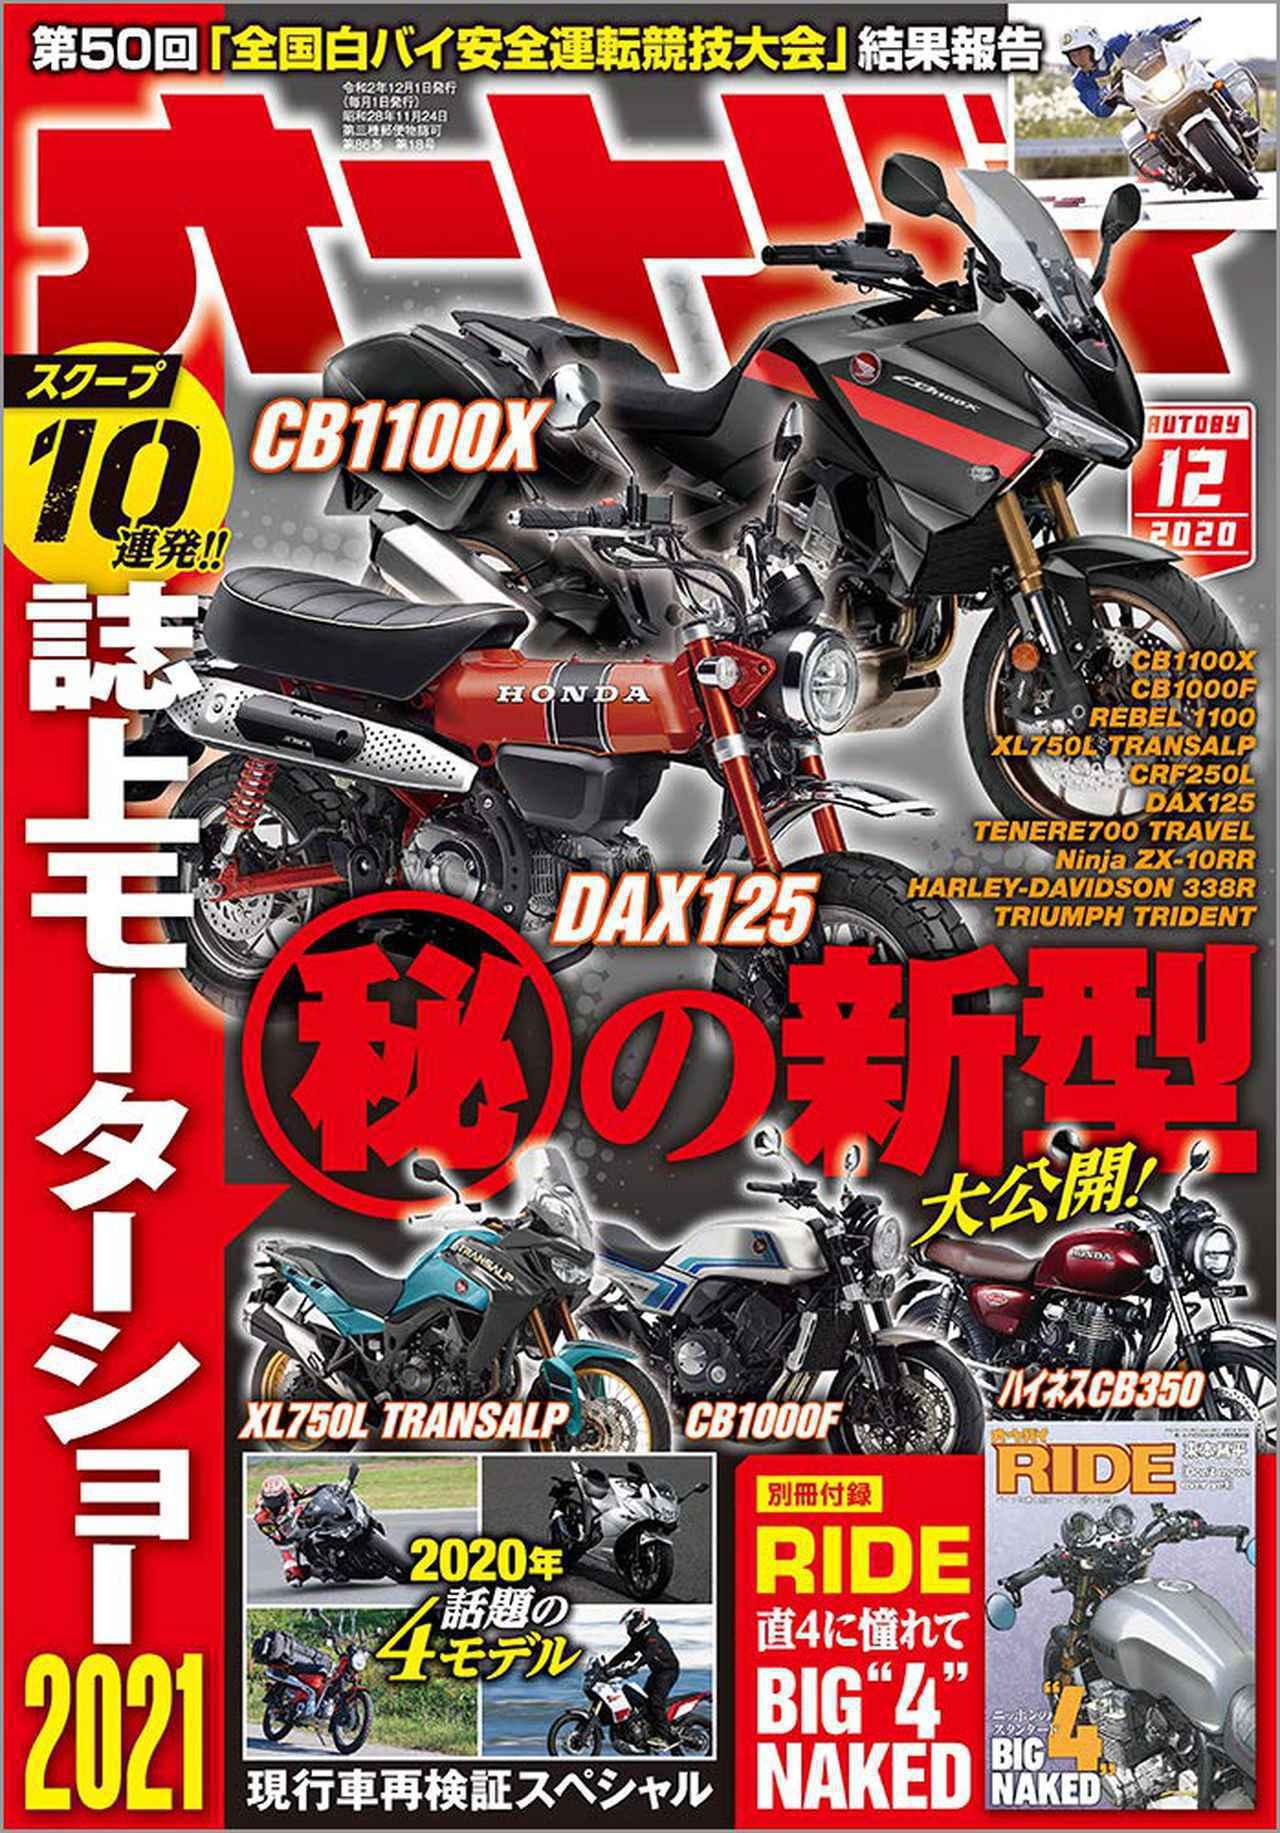 画像: 2021年モデルのスクープと詳報は月刊『オートバイ』2020年12月号でたっぷりとお楽しみいただけます。 - webオートバイ